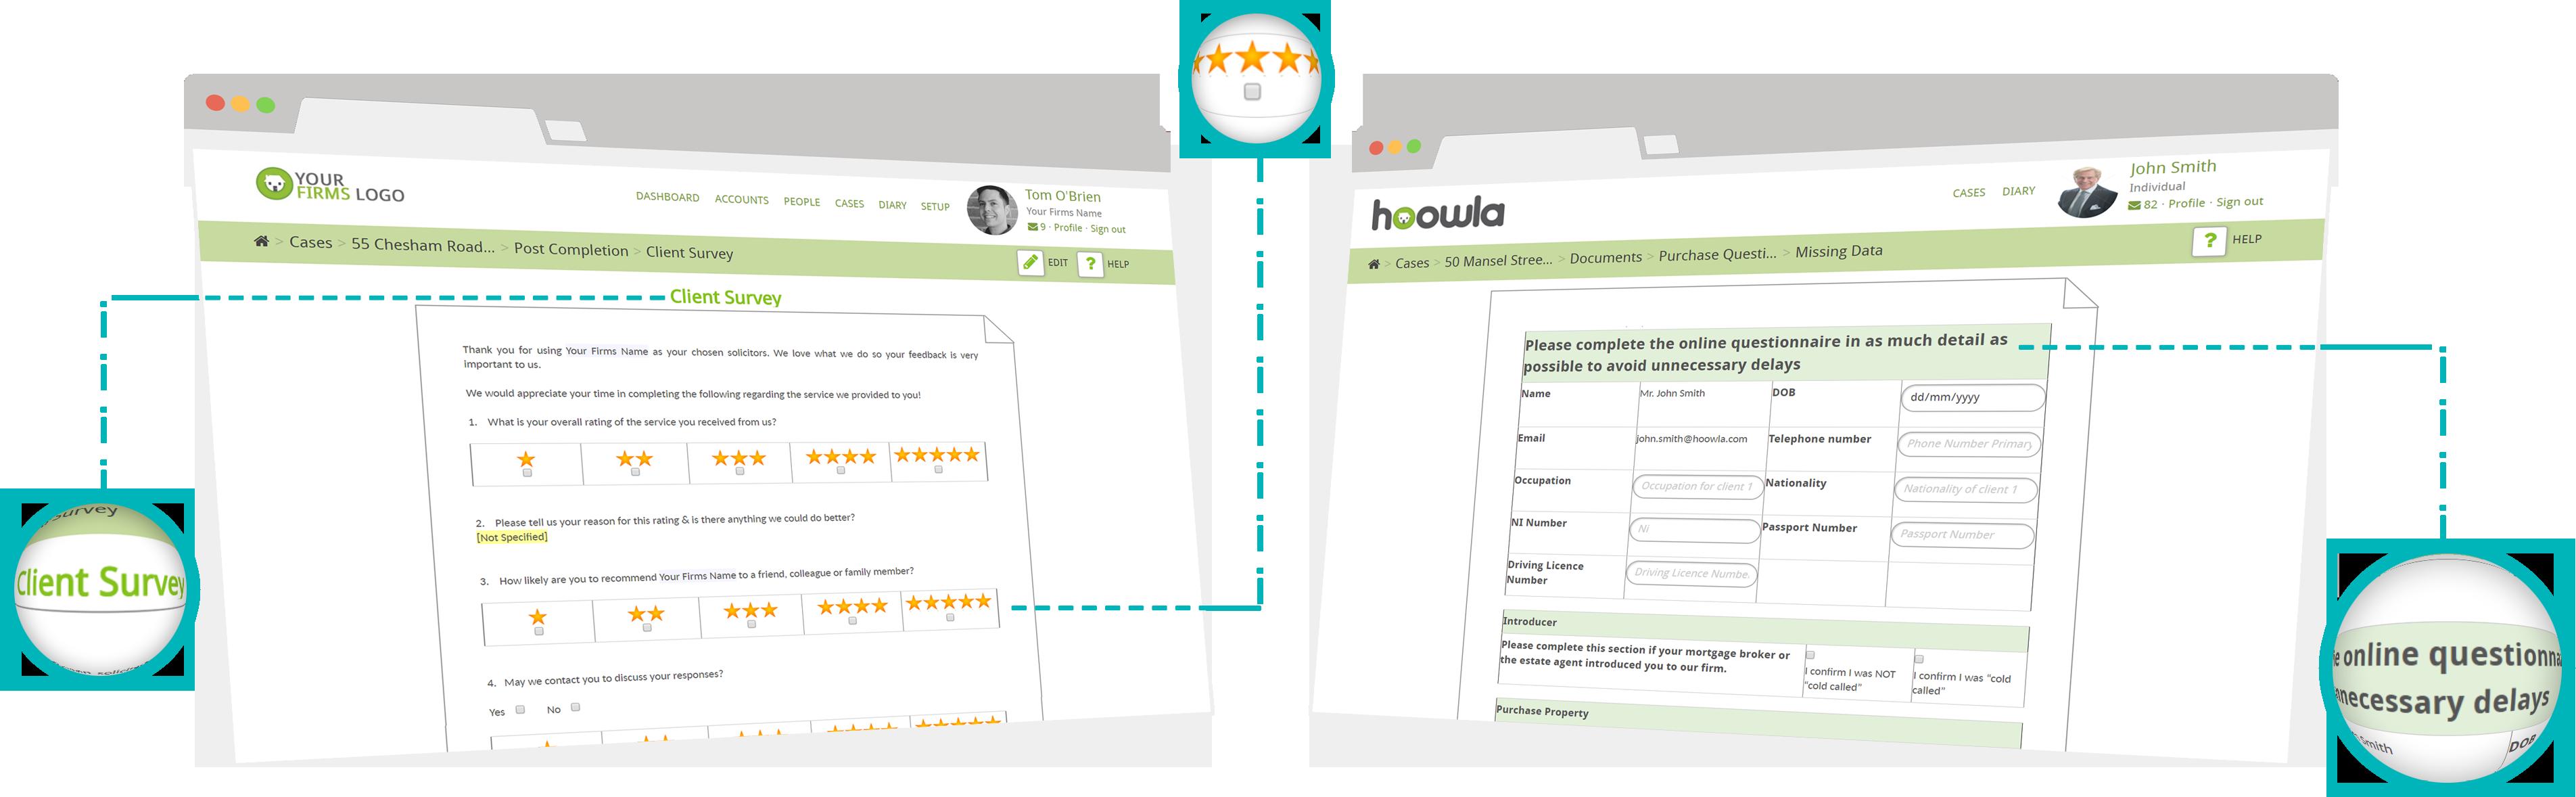 online client questionnaires data collection